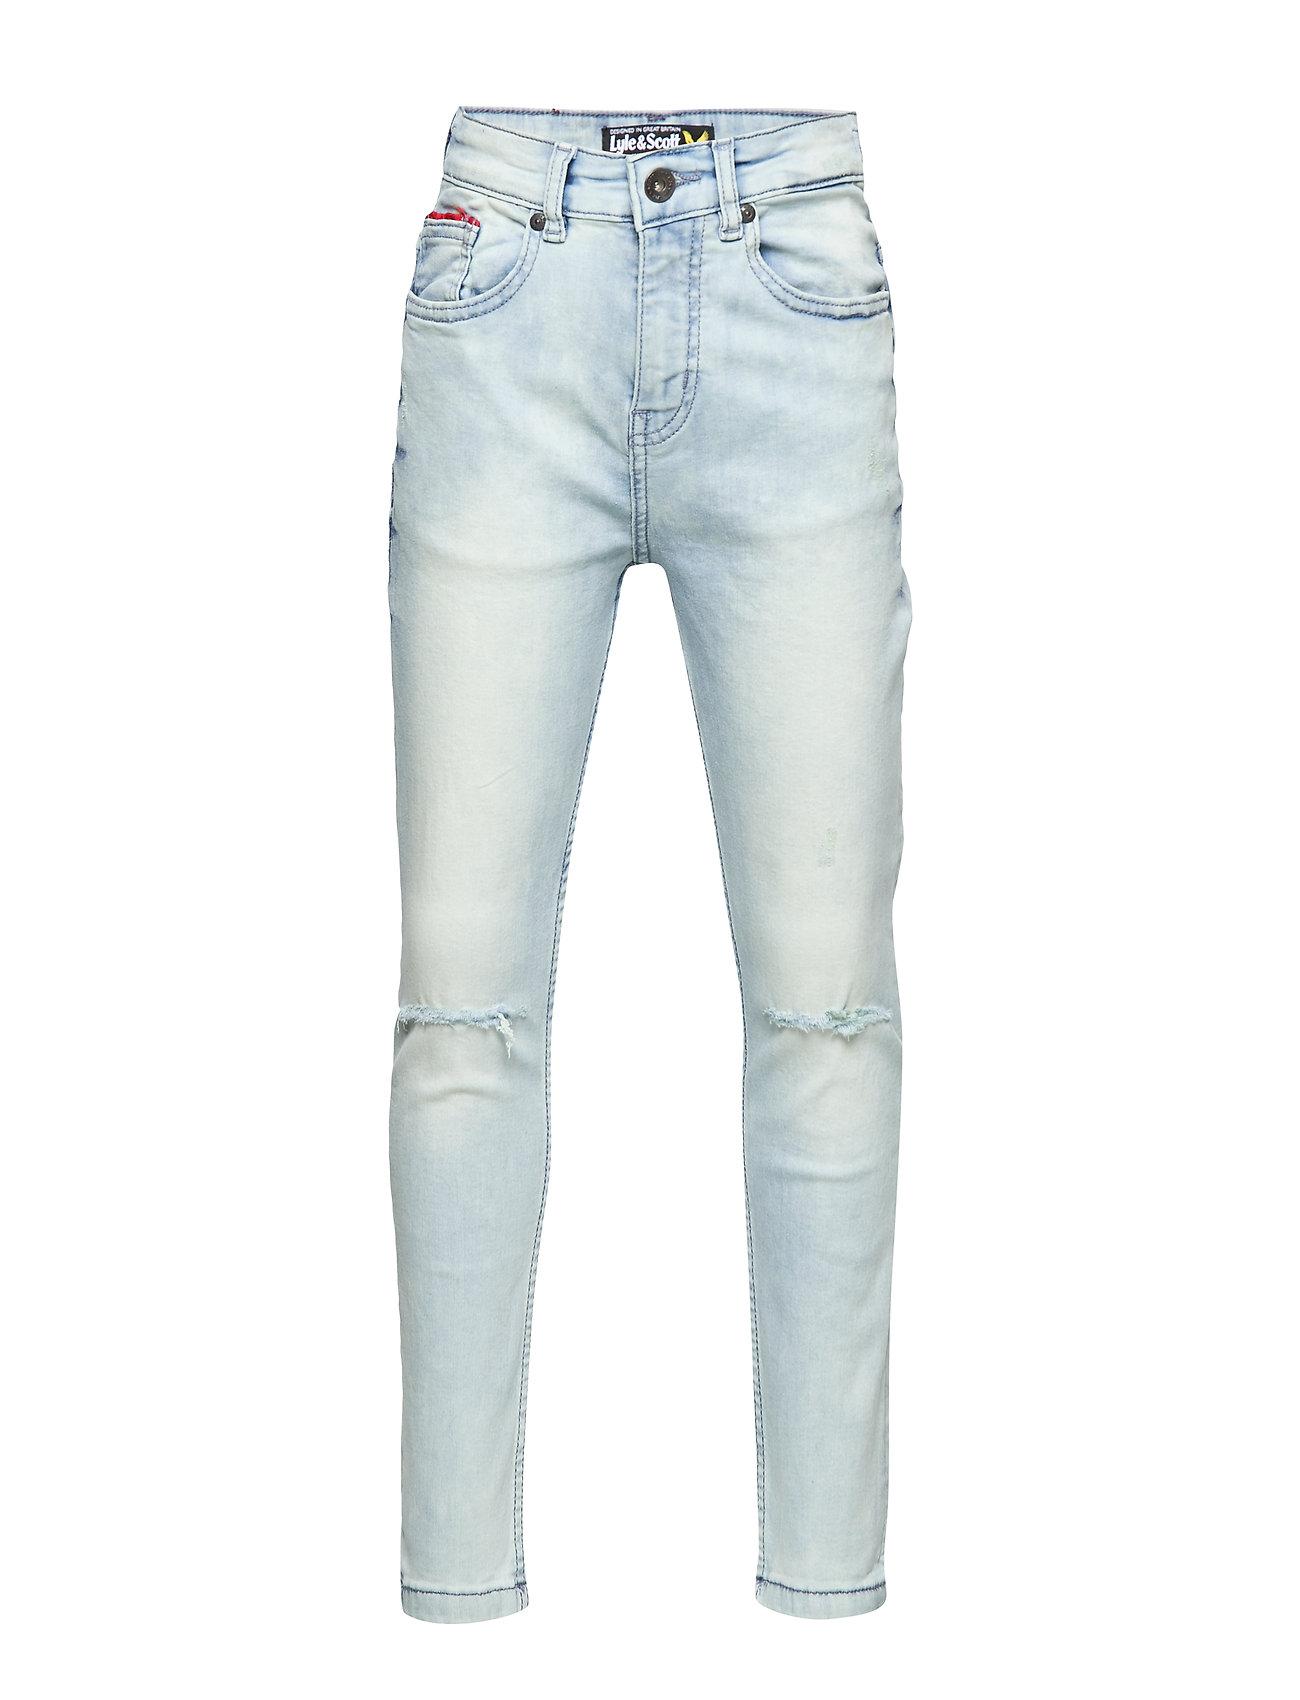 Lyle & Scott Junior Dark Wash Denim Jeans - ACID BLUE WASH